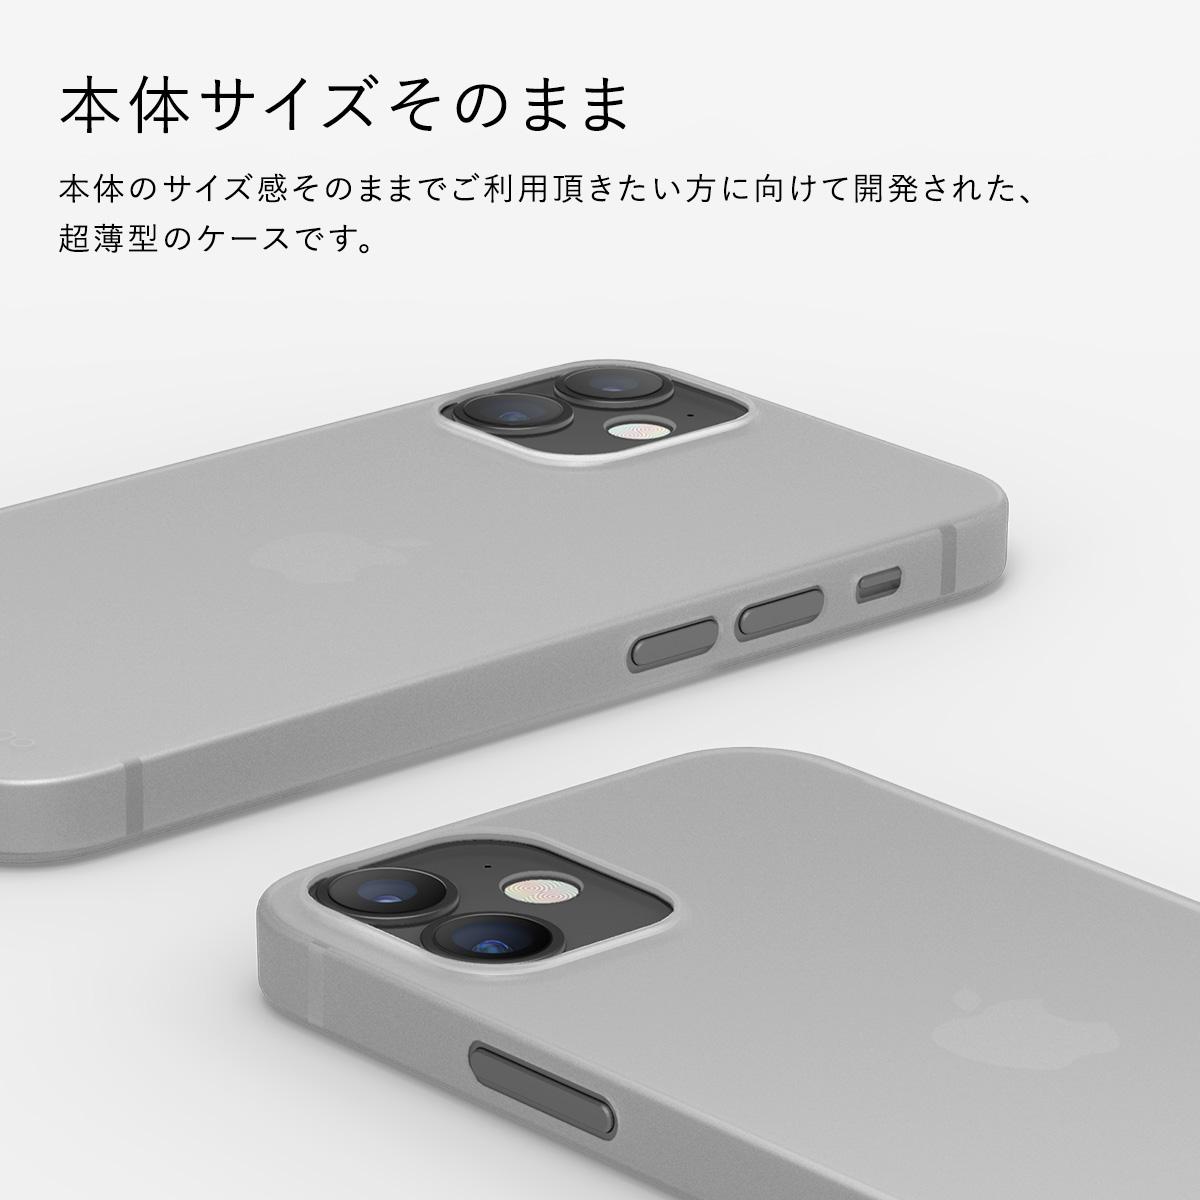 elago INNER CORE 2018 for iPhone12 mini